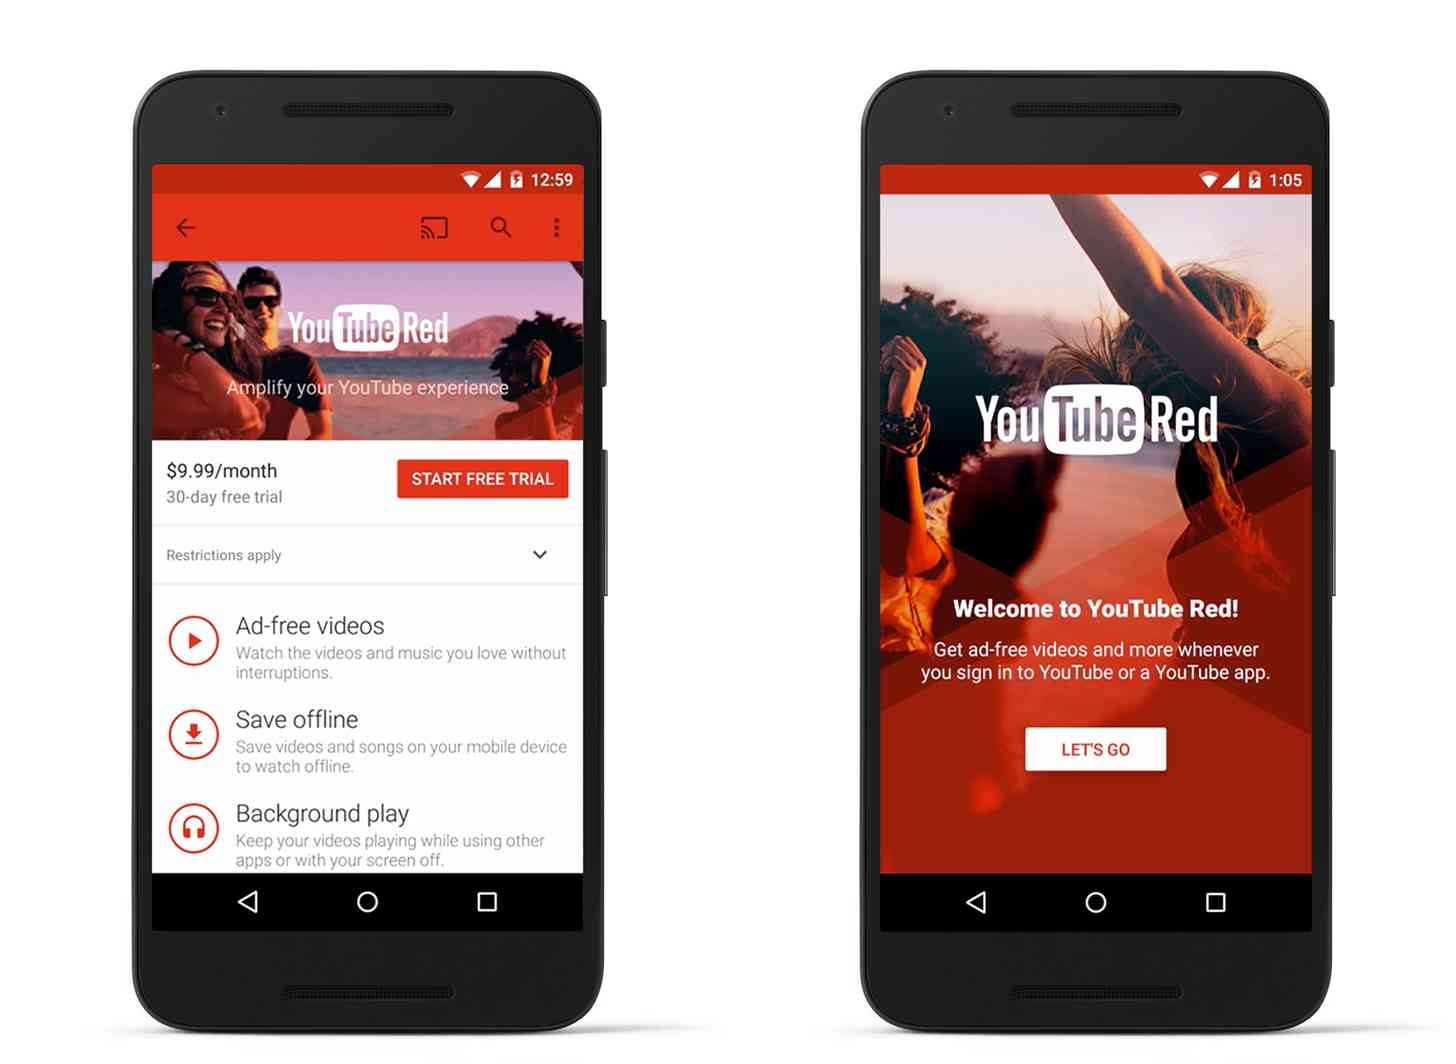 YouTube Red Nexus 6P